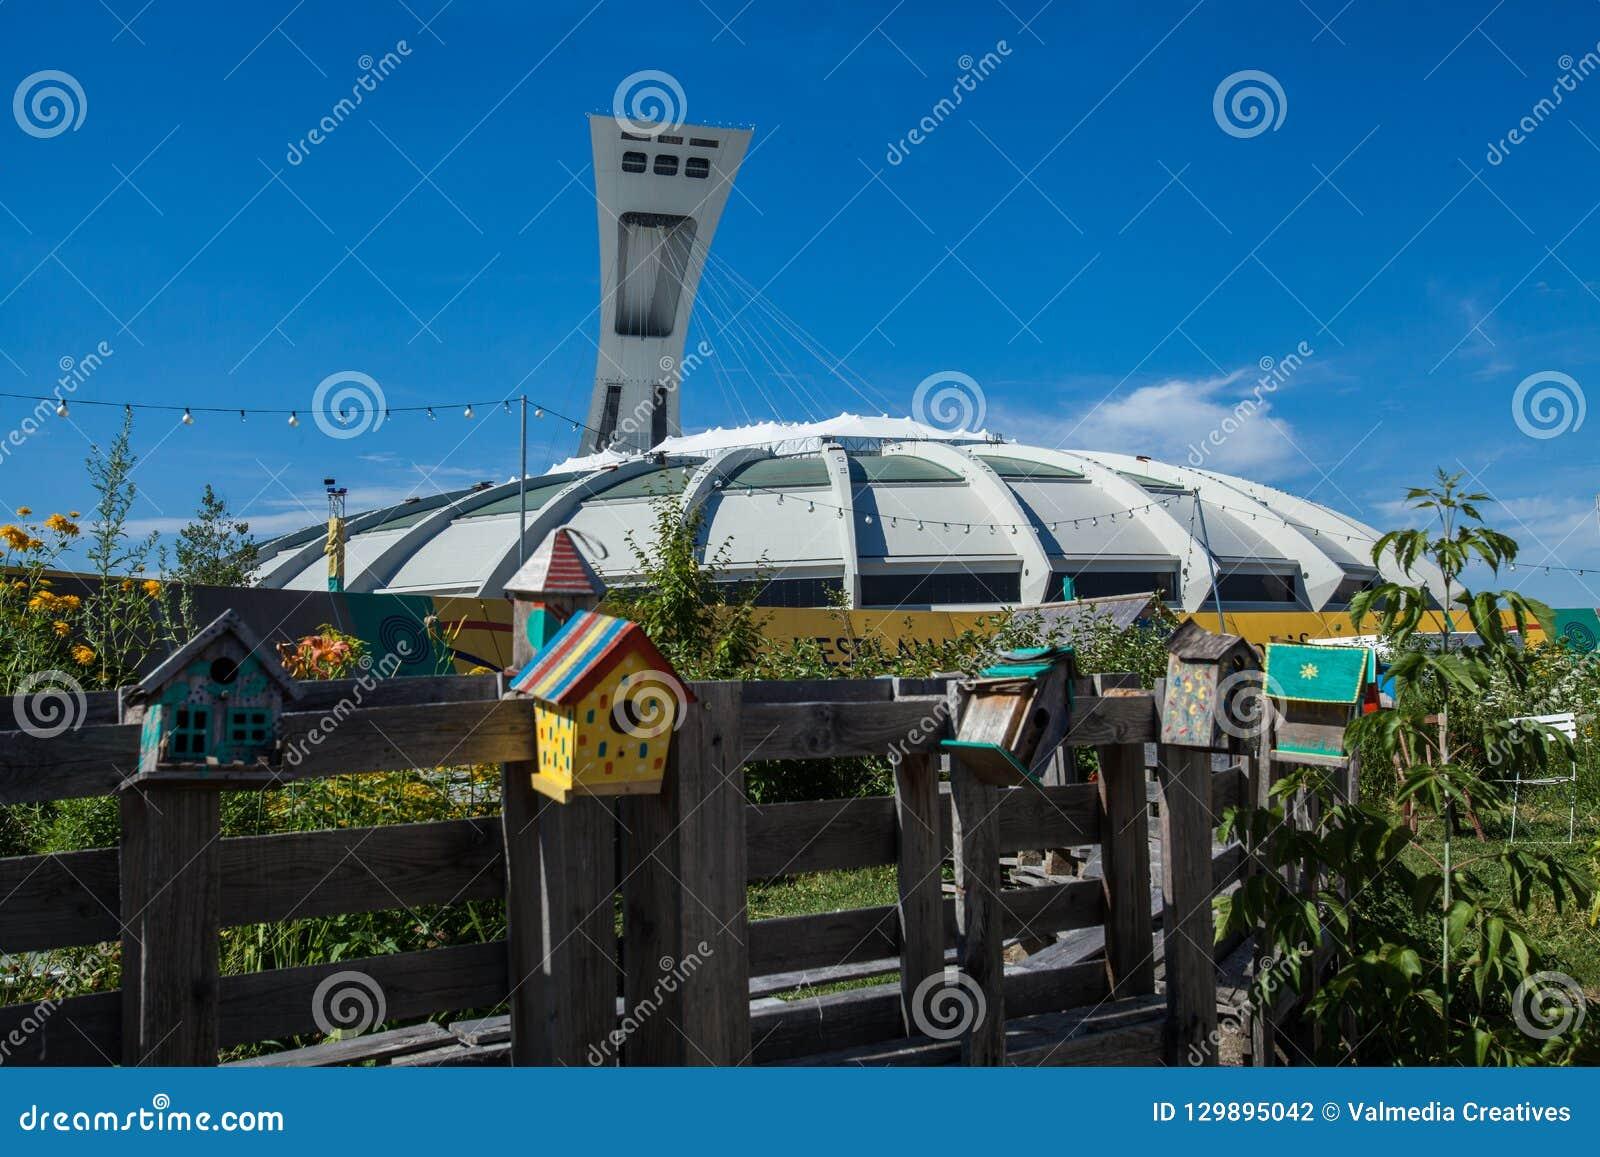 Het Olympische Stadion van Montreal zoals die van achter een houten bank wordt gezien